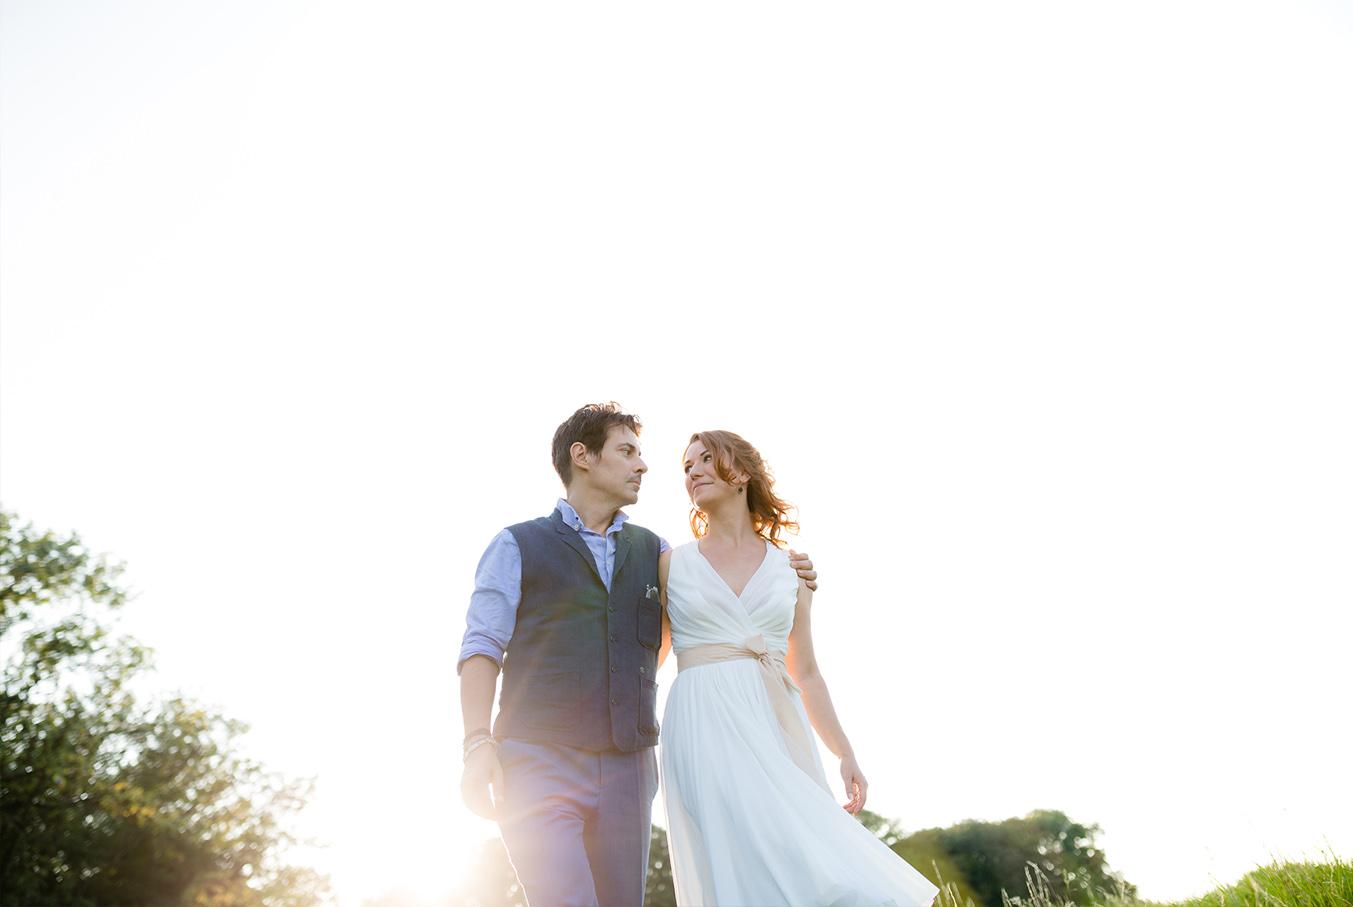 Vienna_Wien_Afterwedding_Hochzeit_Paar_Couple_41